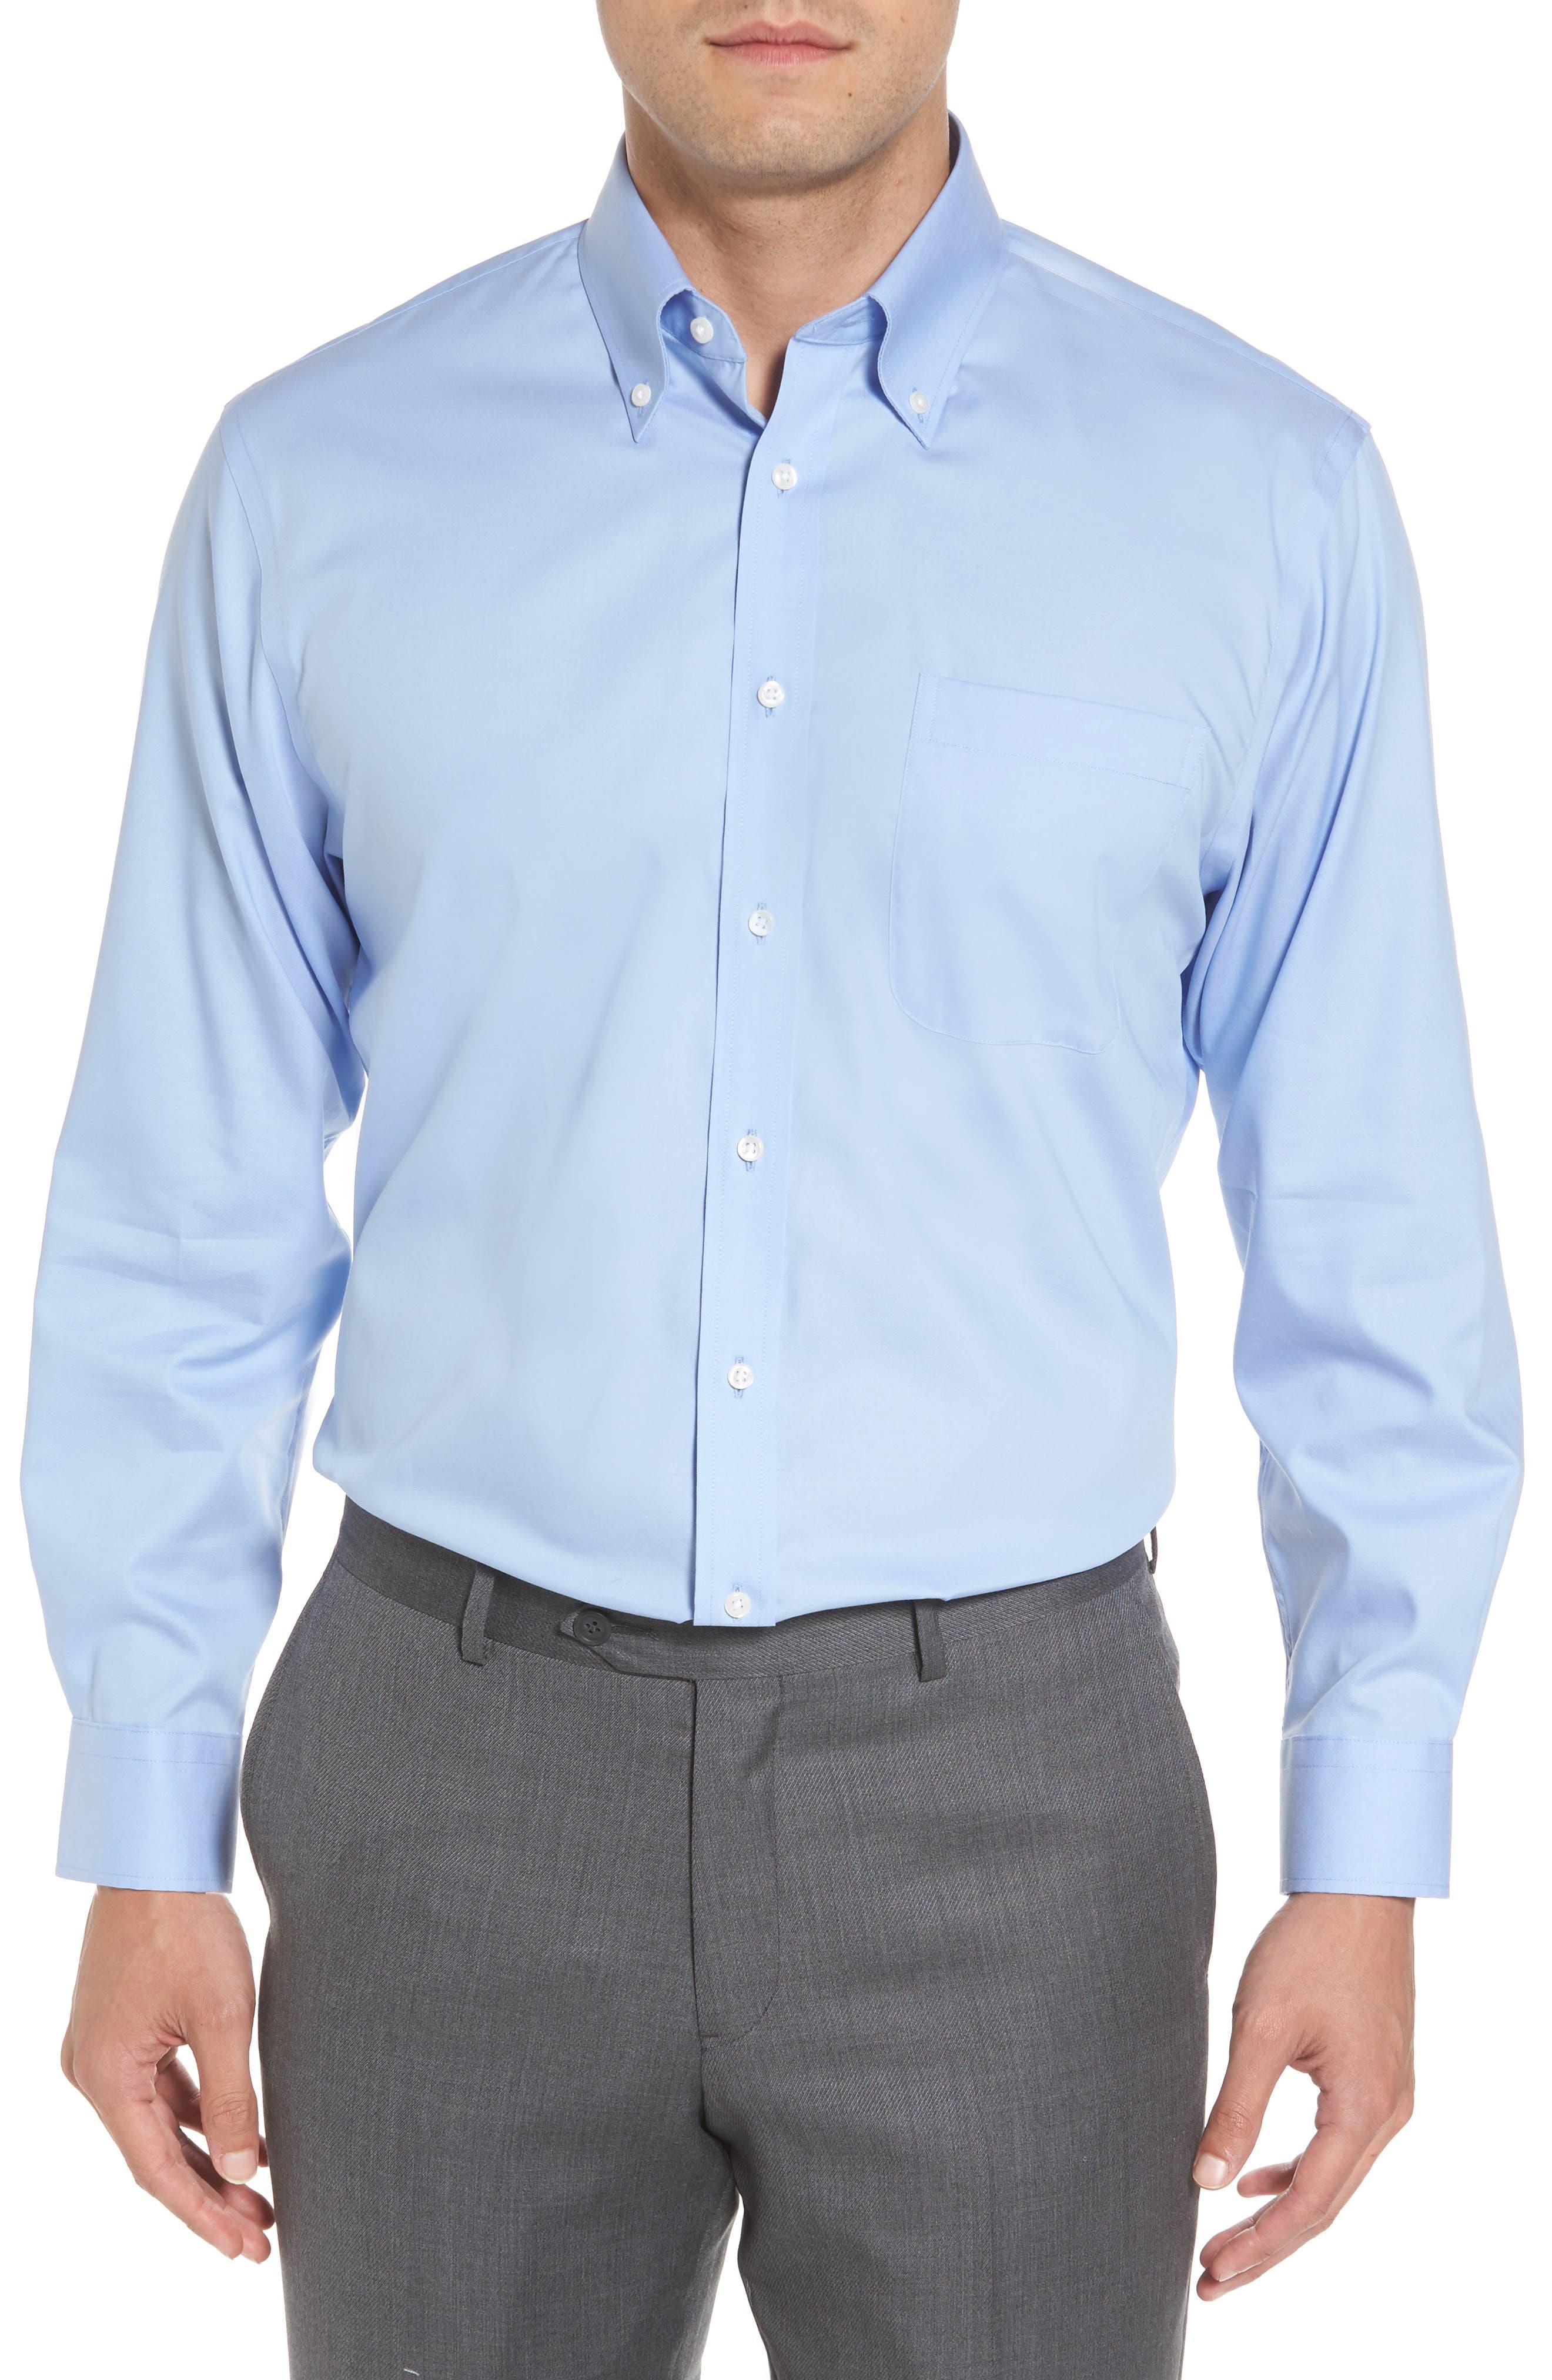 Men S Popover Shirt